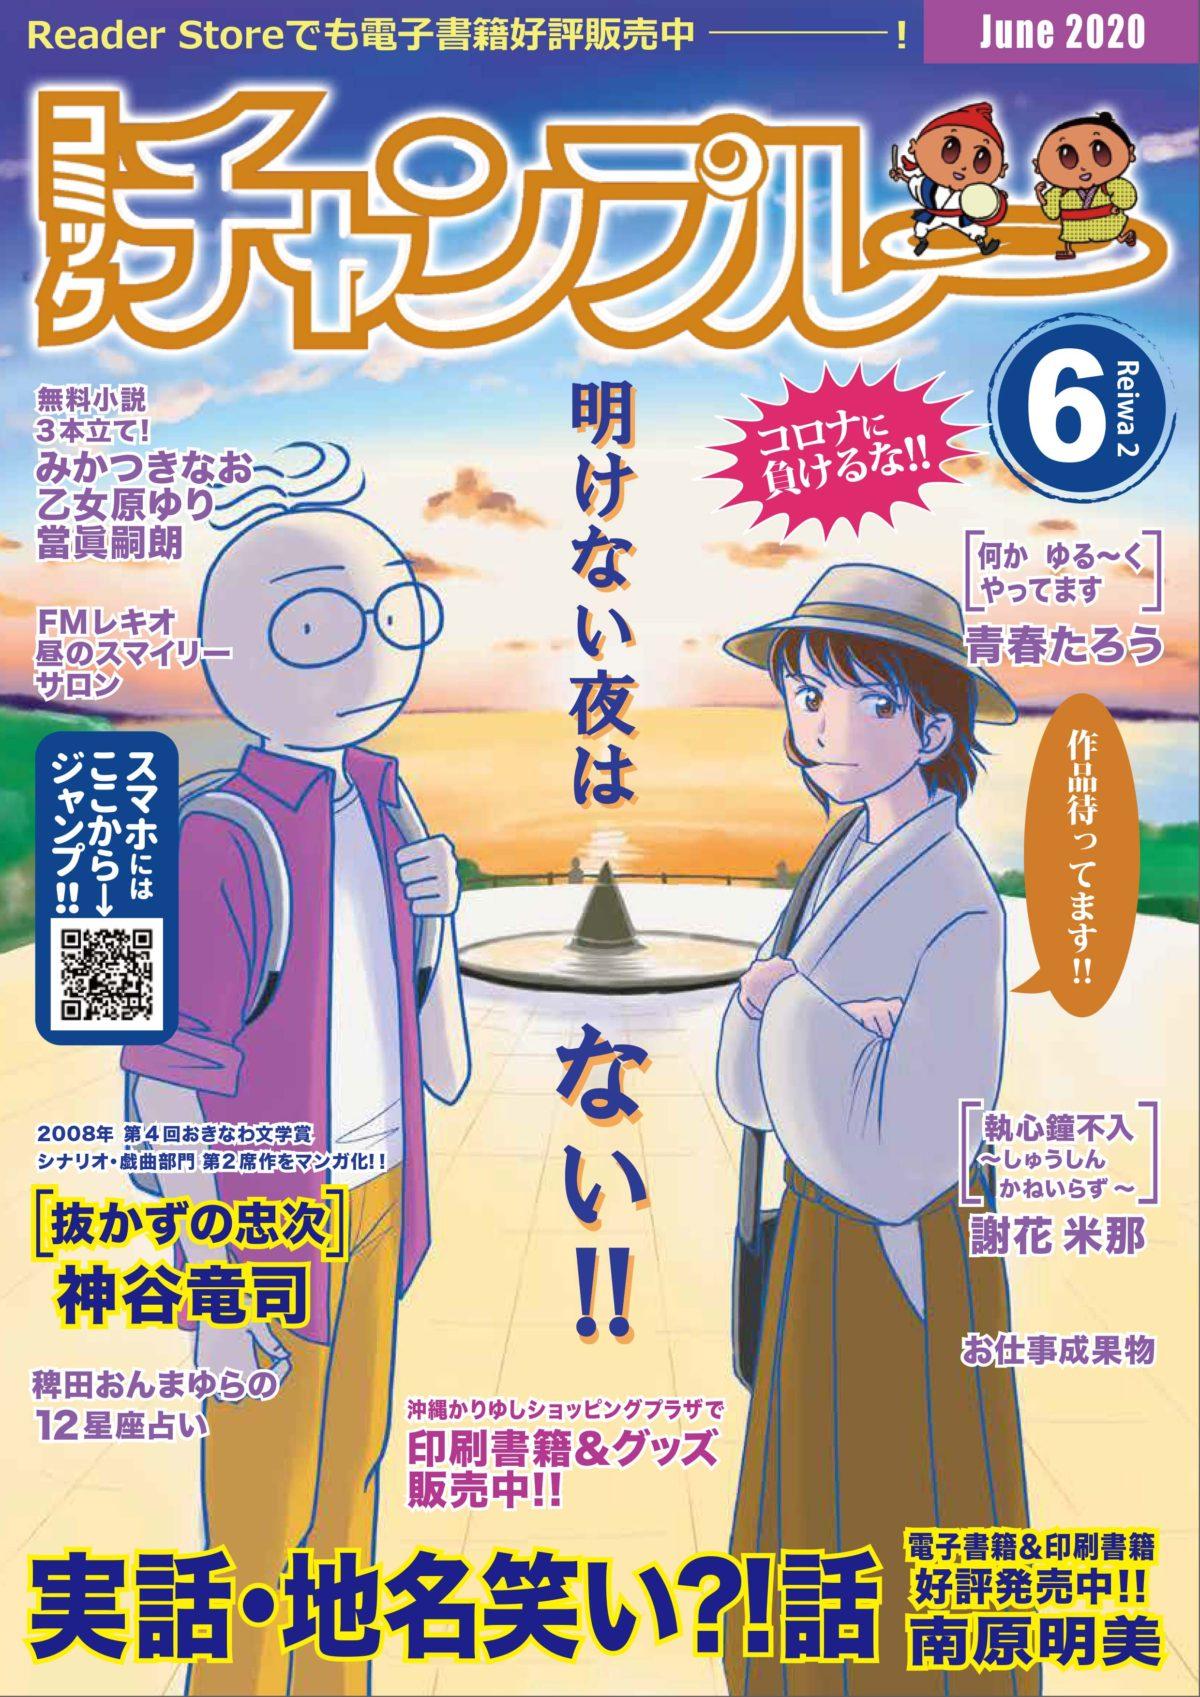 コミックチャンプルー表紙更新しました! 6月です! 沖縄マンガチラシもやってます!